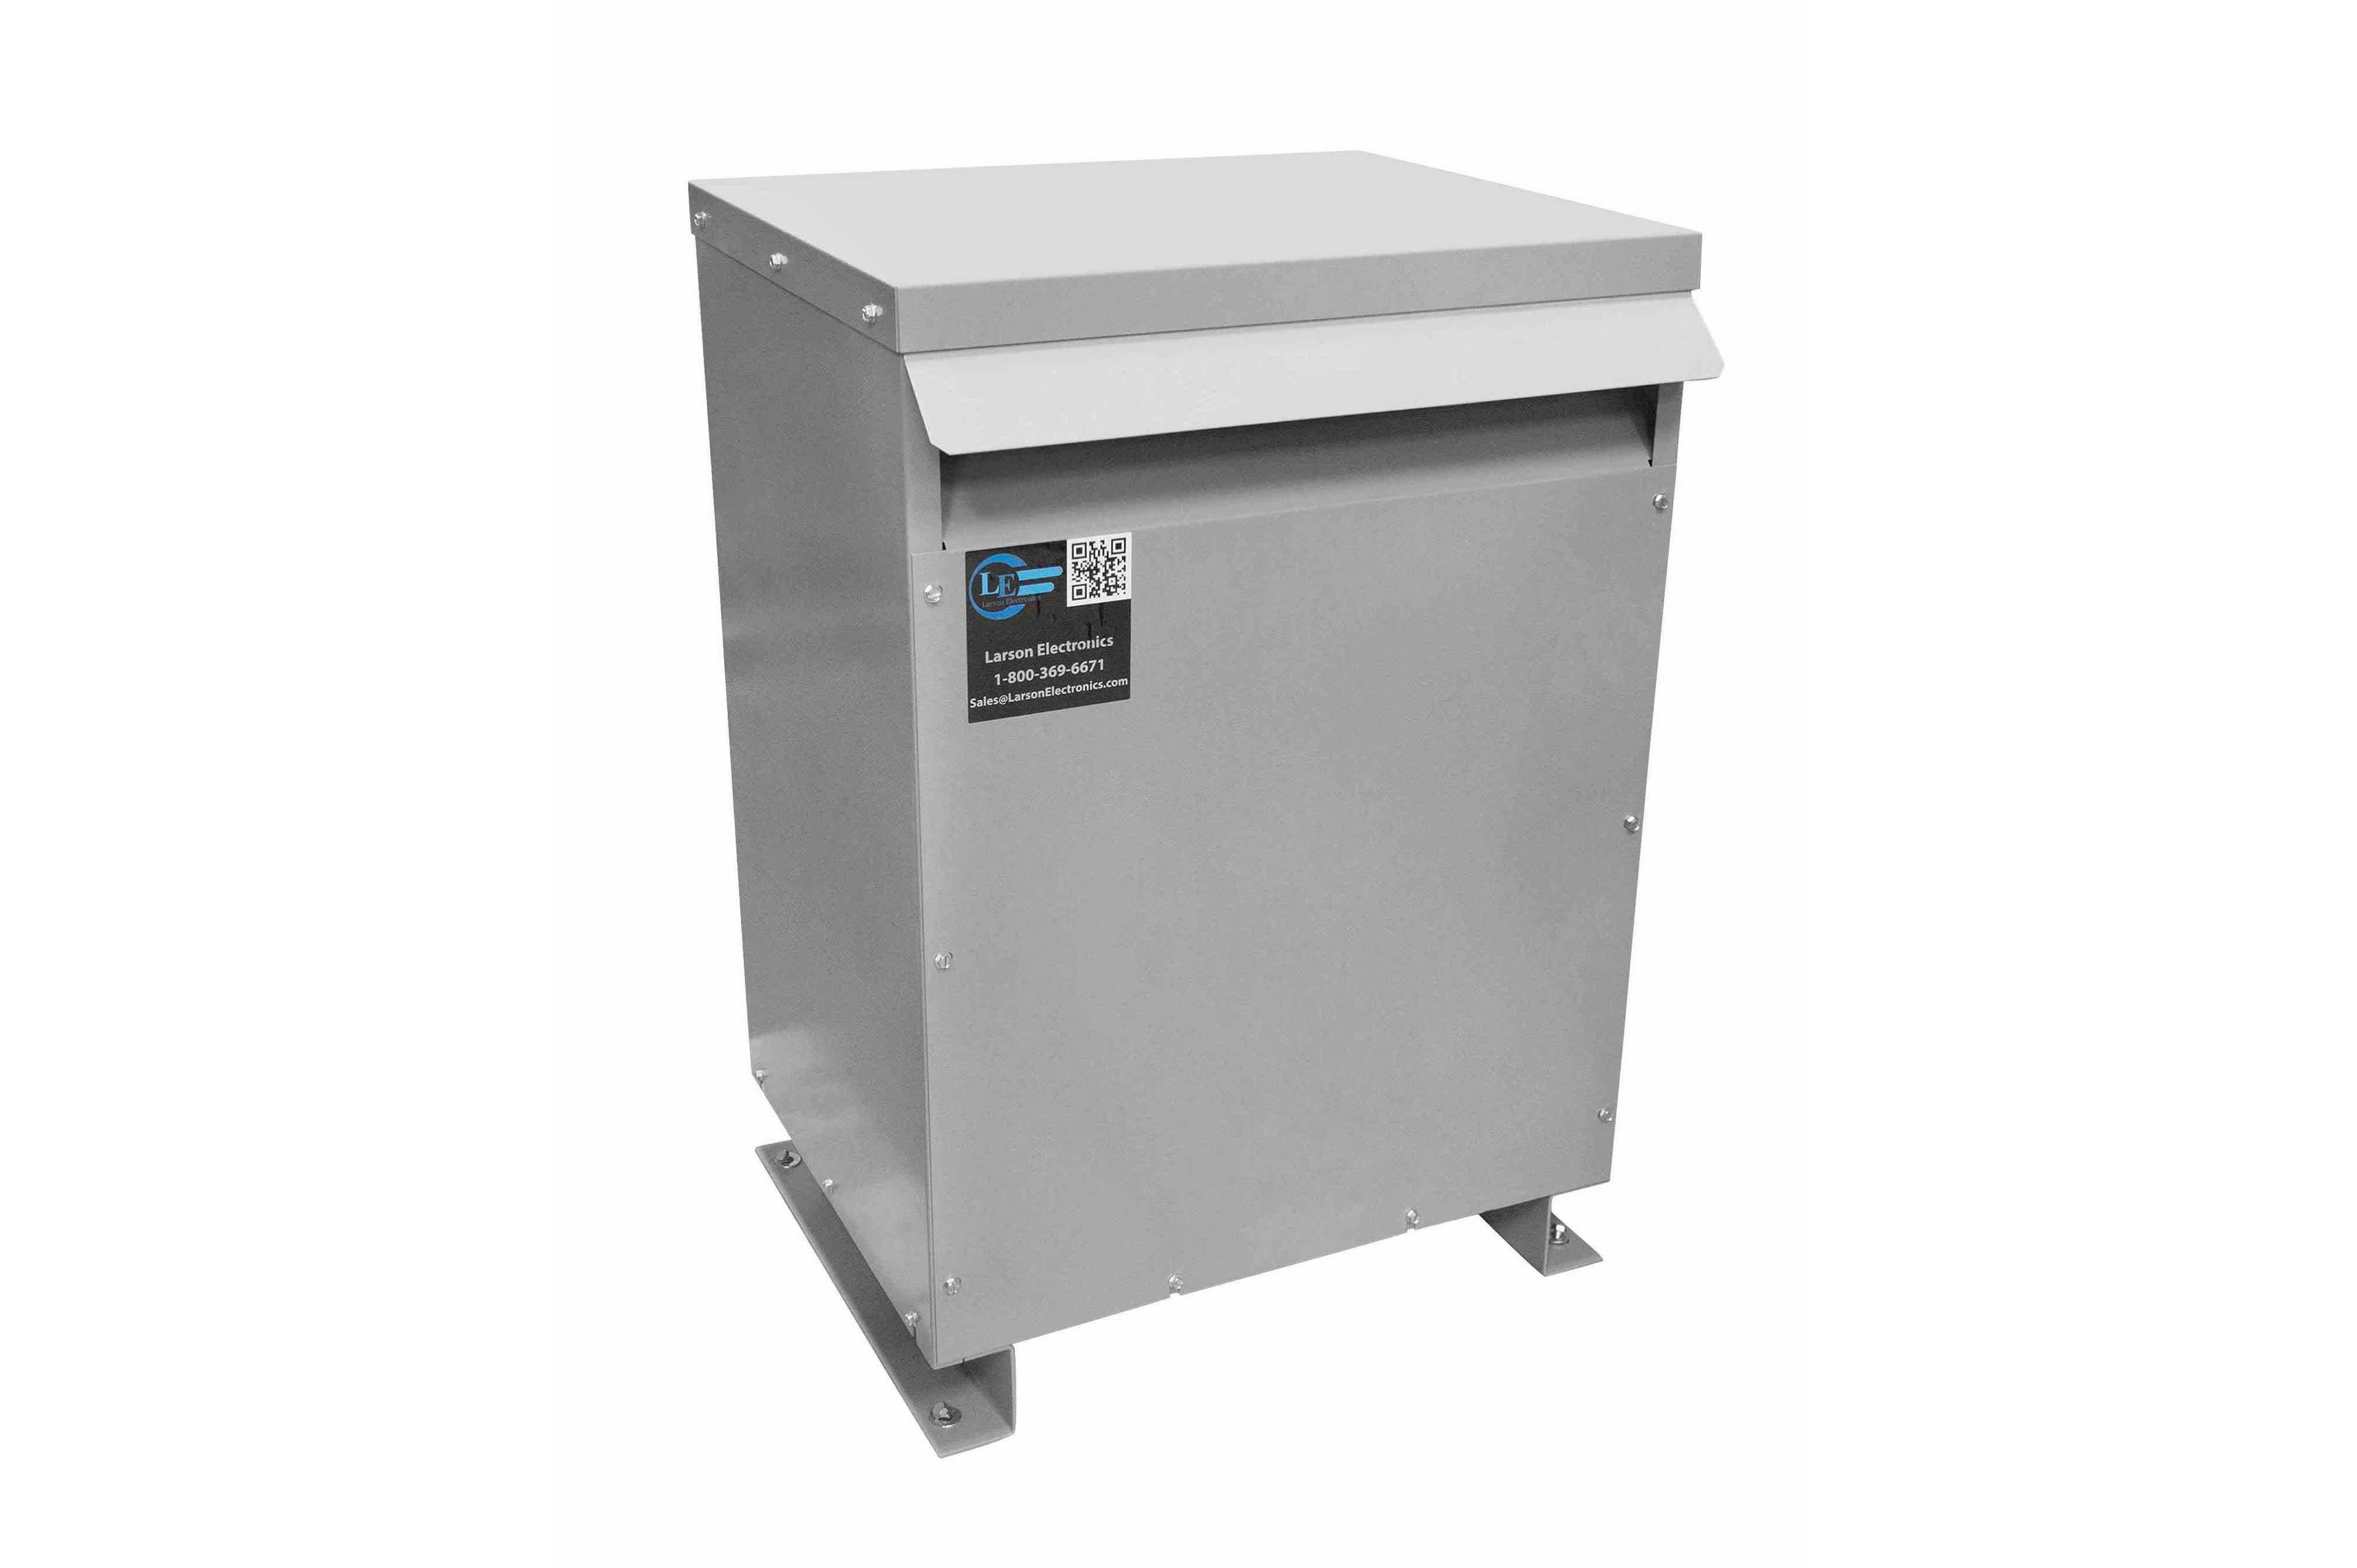 50 kVA 3PH Isolation Transformer, 460V Delta Primary, 240 Delta Secondary, N3R, Ventilated, 60 Hz